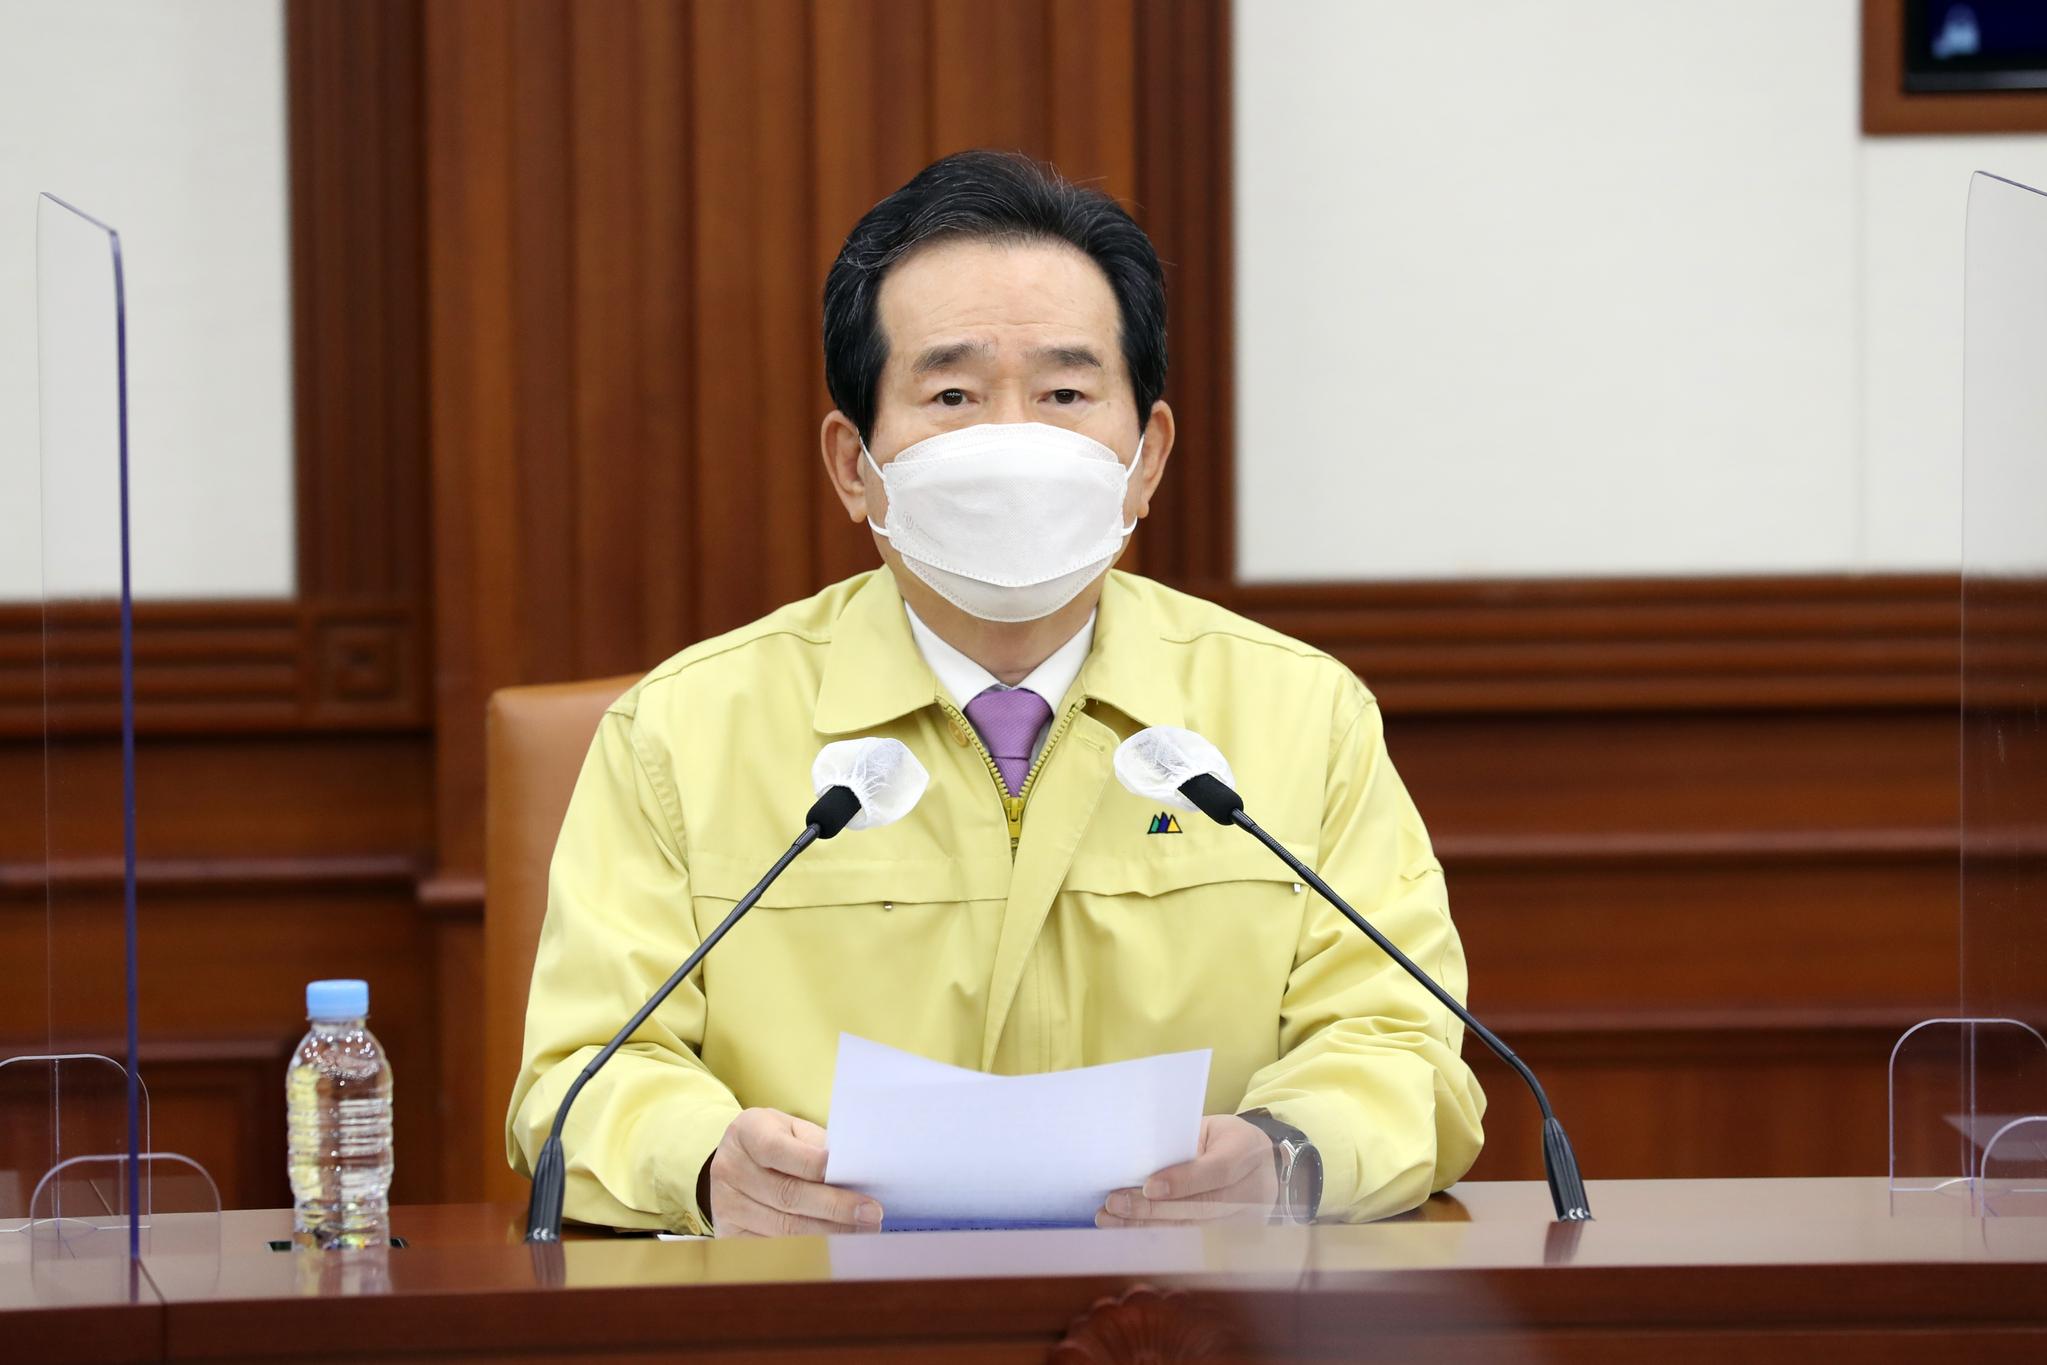 정세균 국무총리가 18일 서울 종로구 정부서울청사에서 열린 코로나19 대응 중대본회의에서 발언하고 있다. 뉴시스